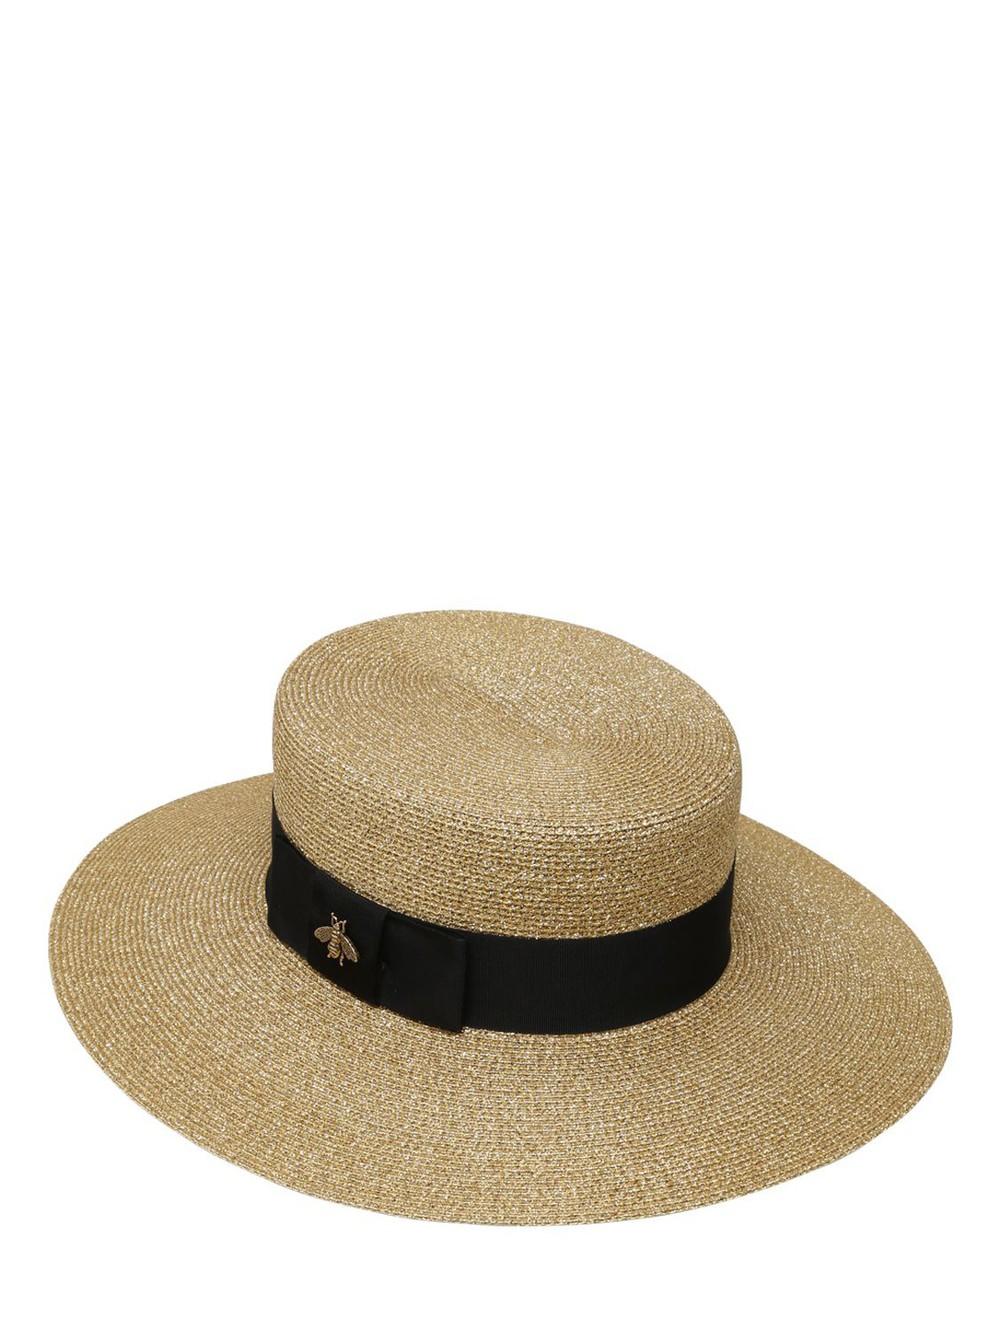 fd212346acea9 Gucci Gold Lurex Papier Hat - Wheretoget